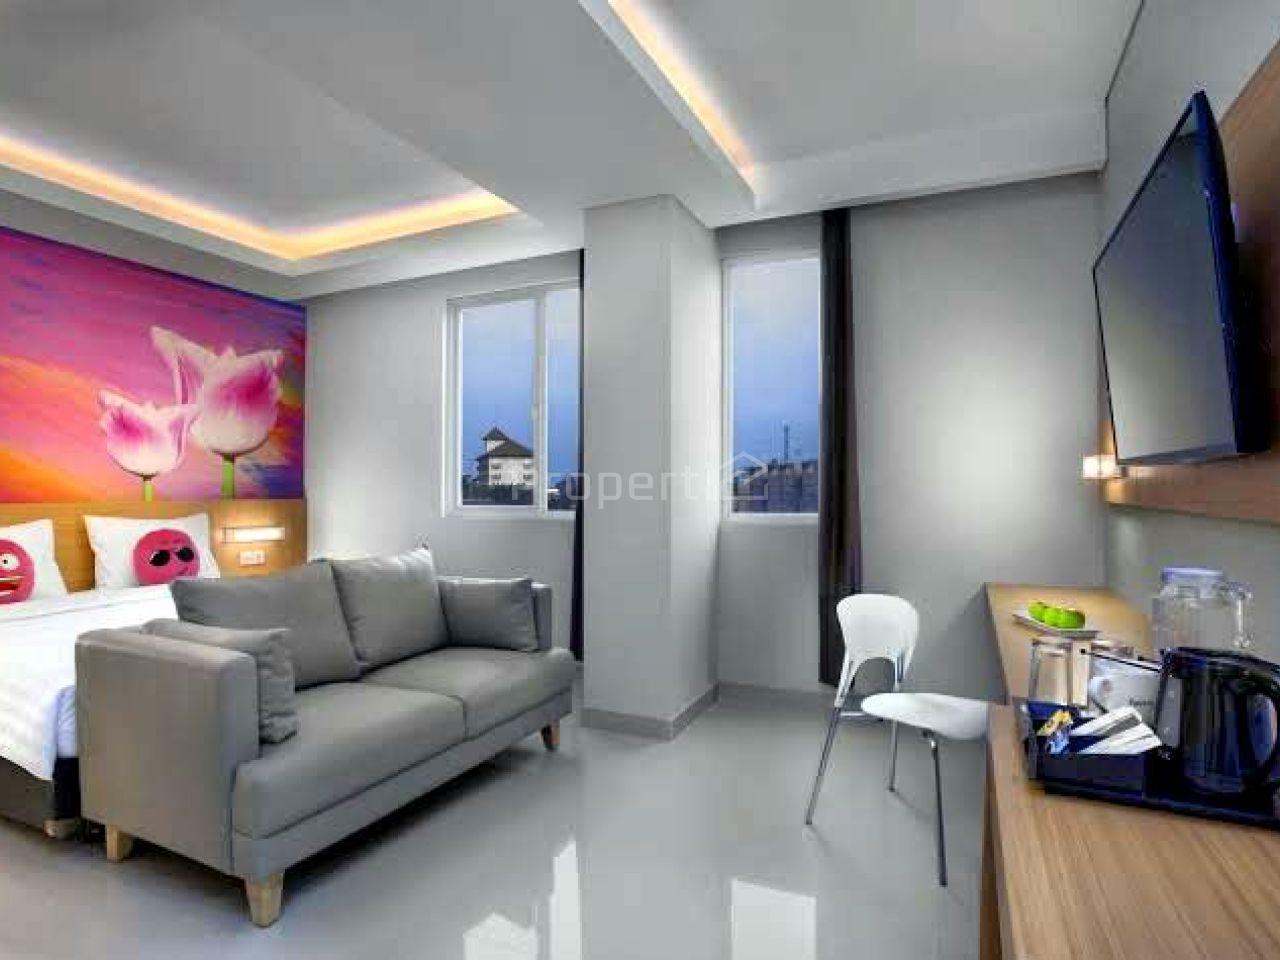 Hotel Baru di Pusat Kota Tangerang, Banten